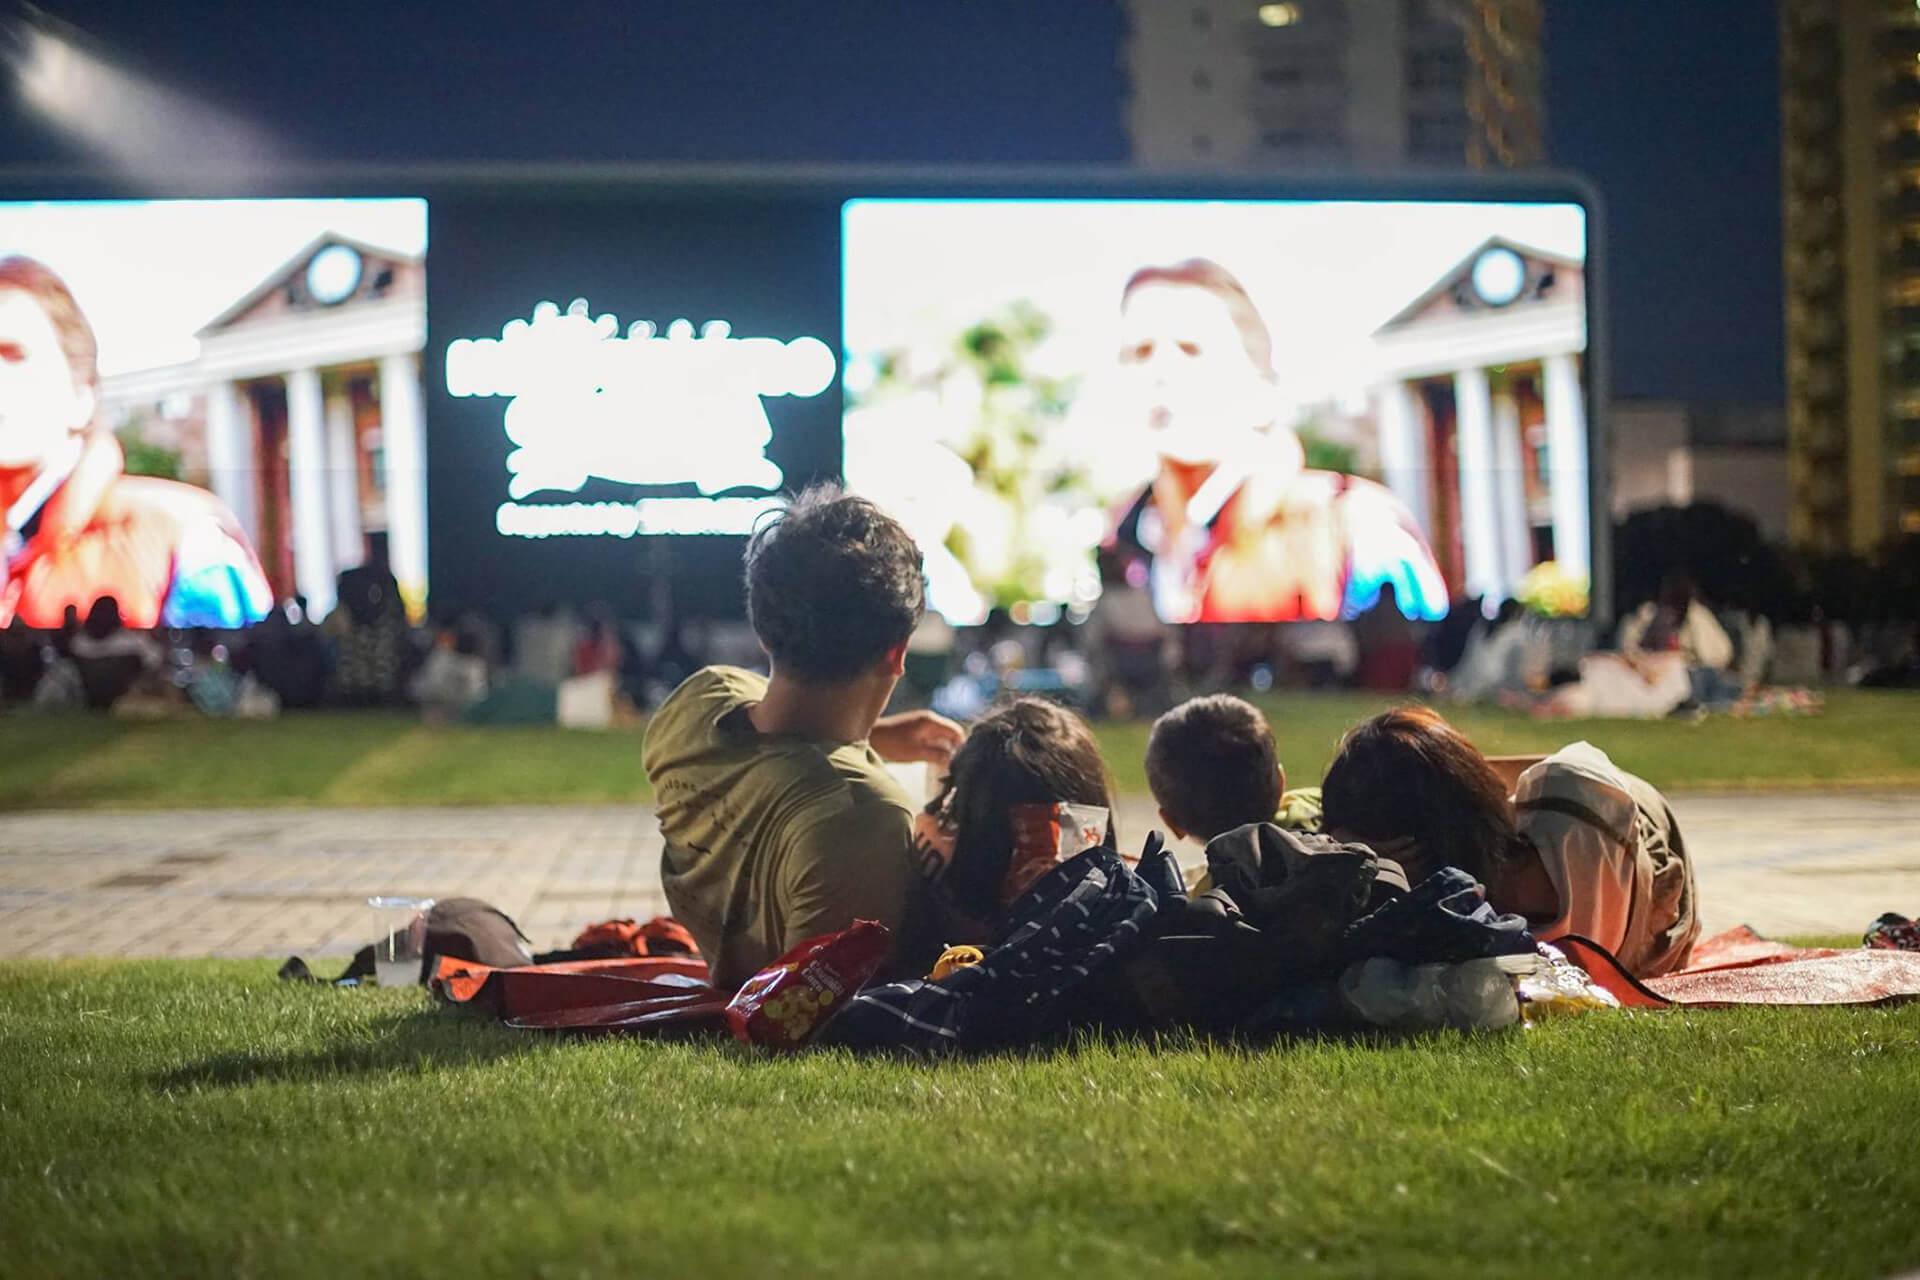 この写真は、ねぶくろシネマの告知バーナー。野外で映画を楽しむ様子です